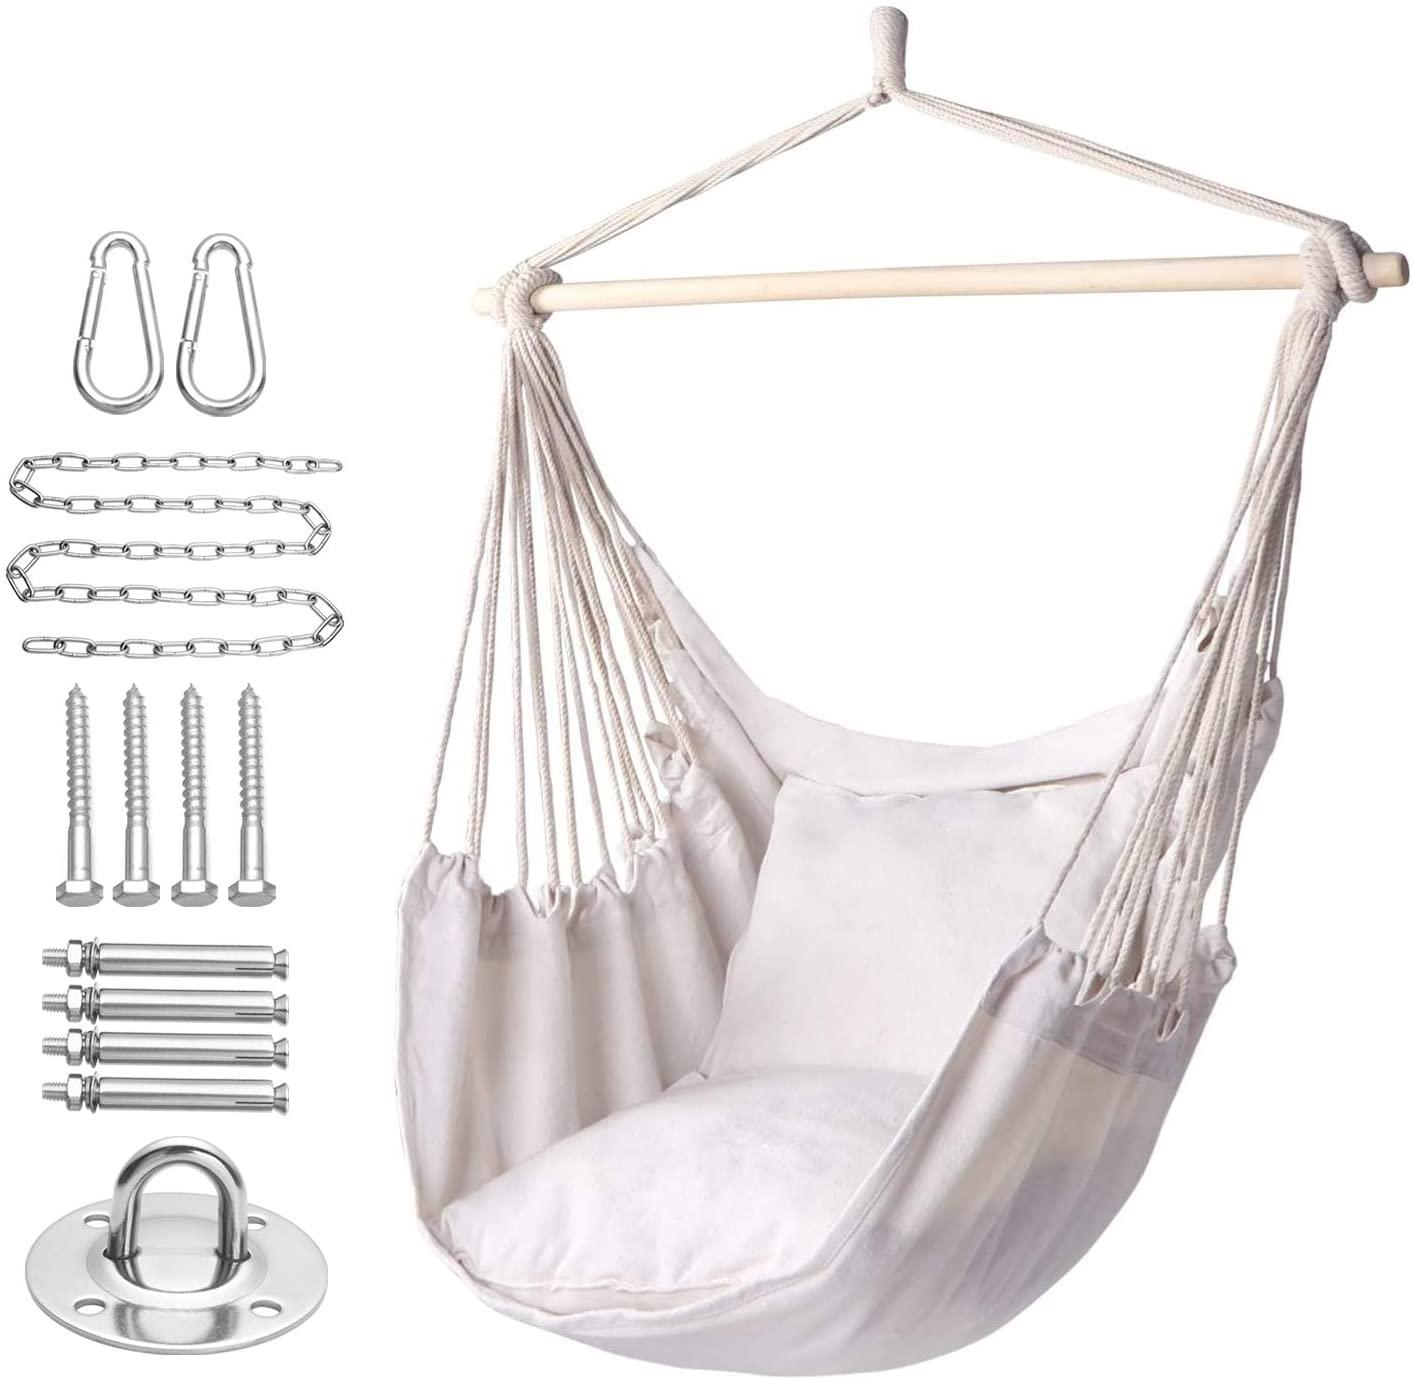 chair-hammock